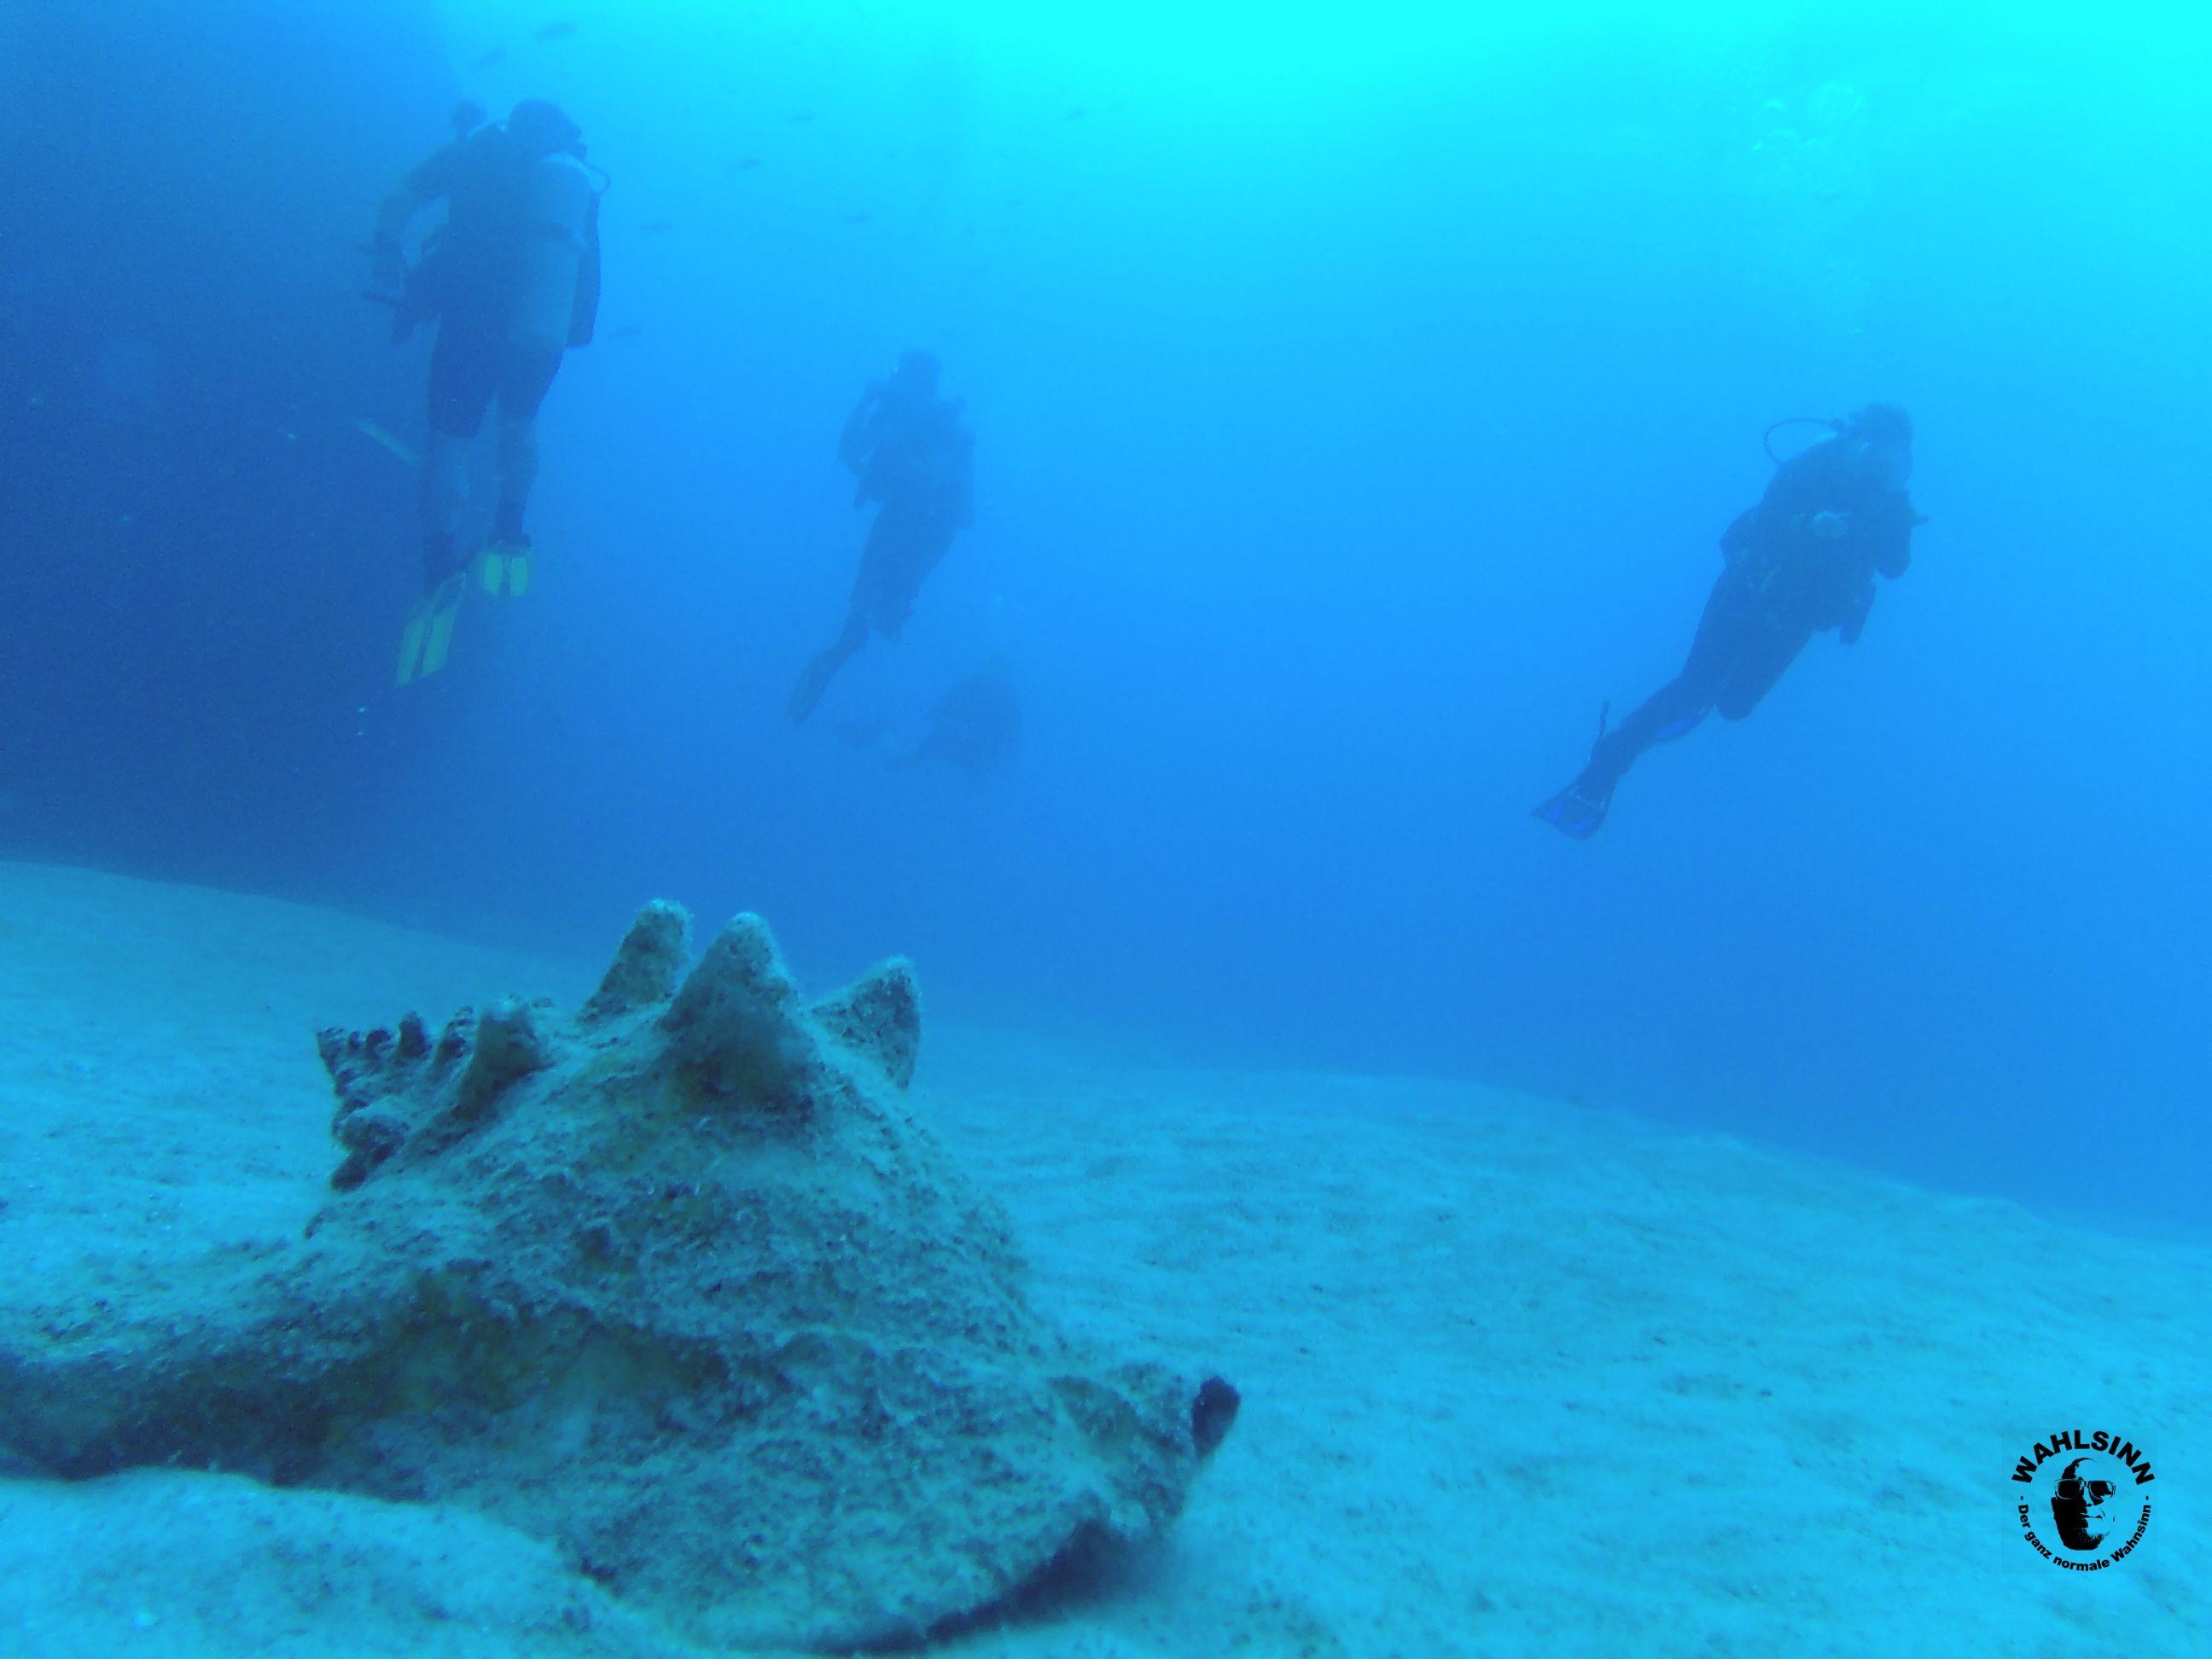 Aruba - geile Sichtweiten beim Tauchen und schöne Muscheln gibts da auch. Manchmal sogar mit Inhalt.....